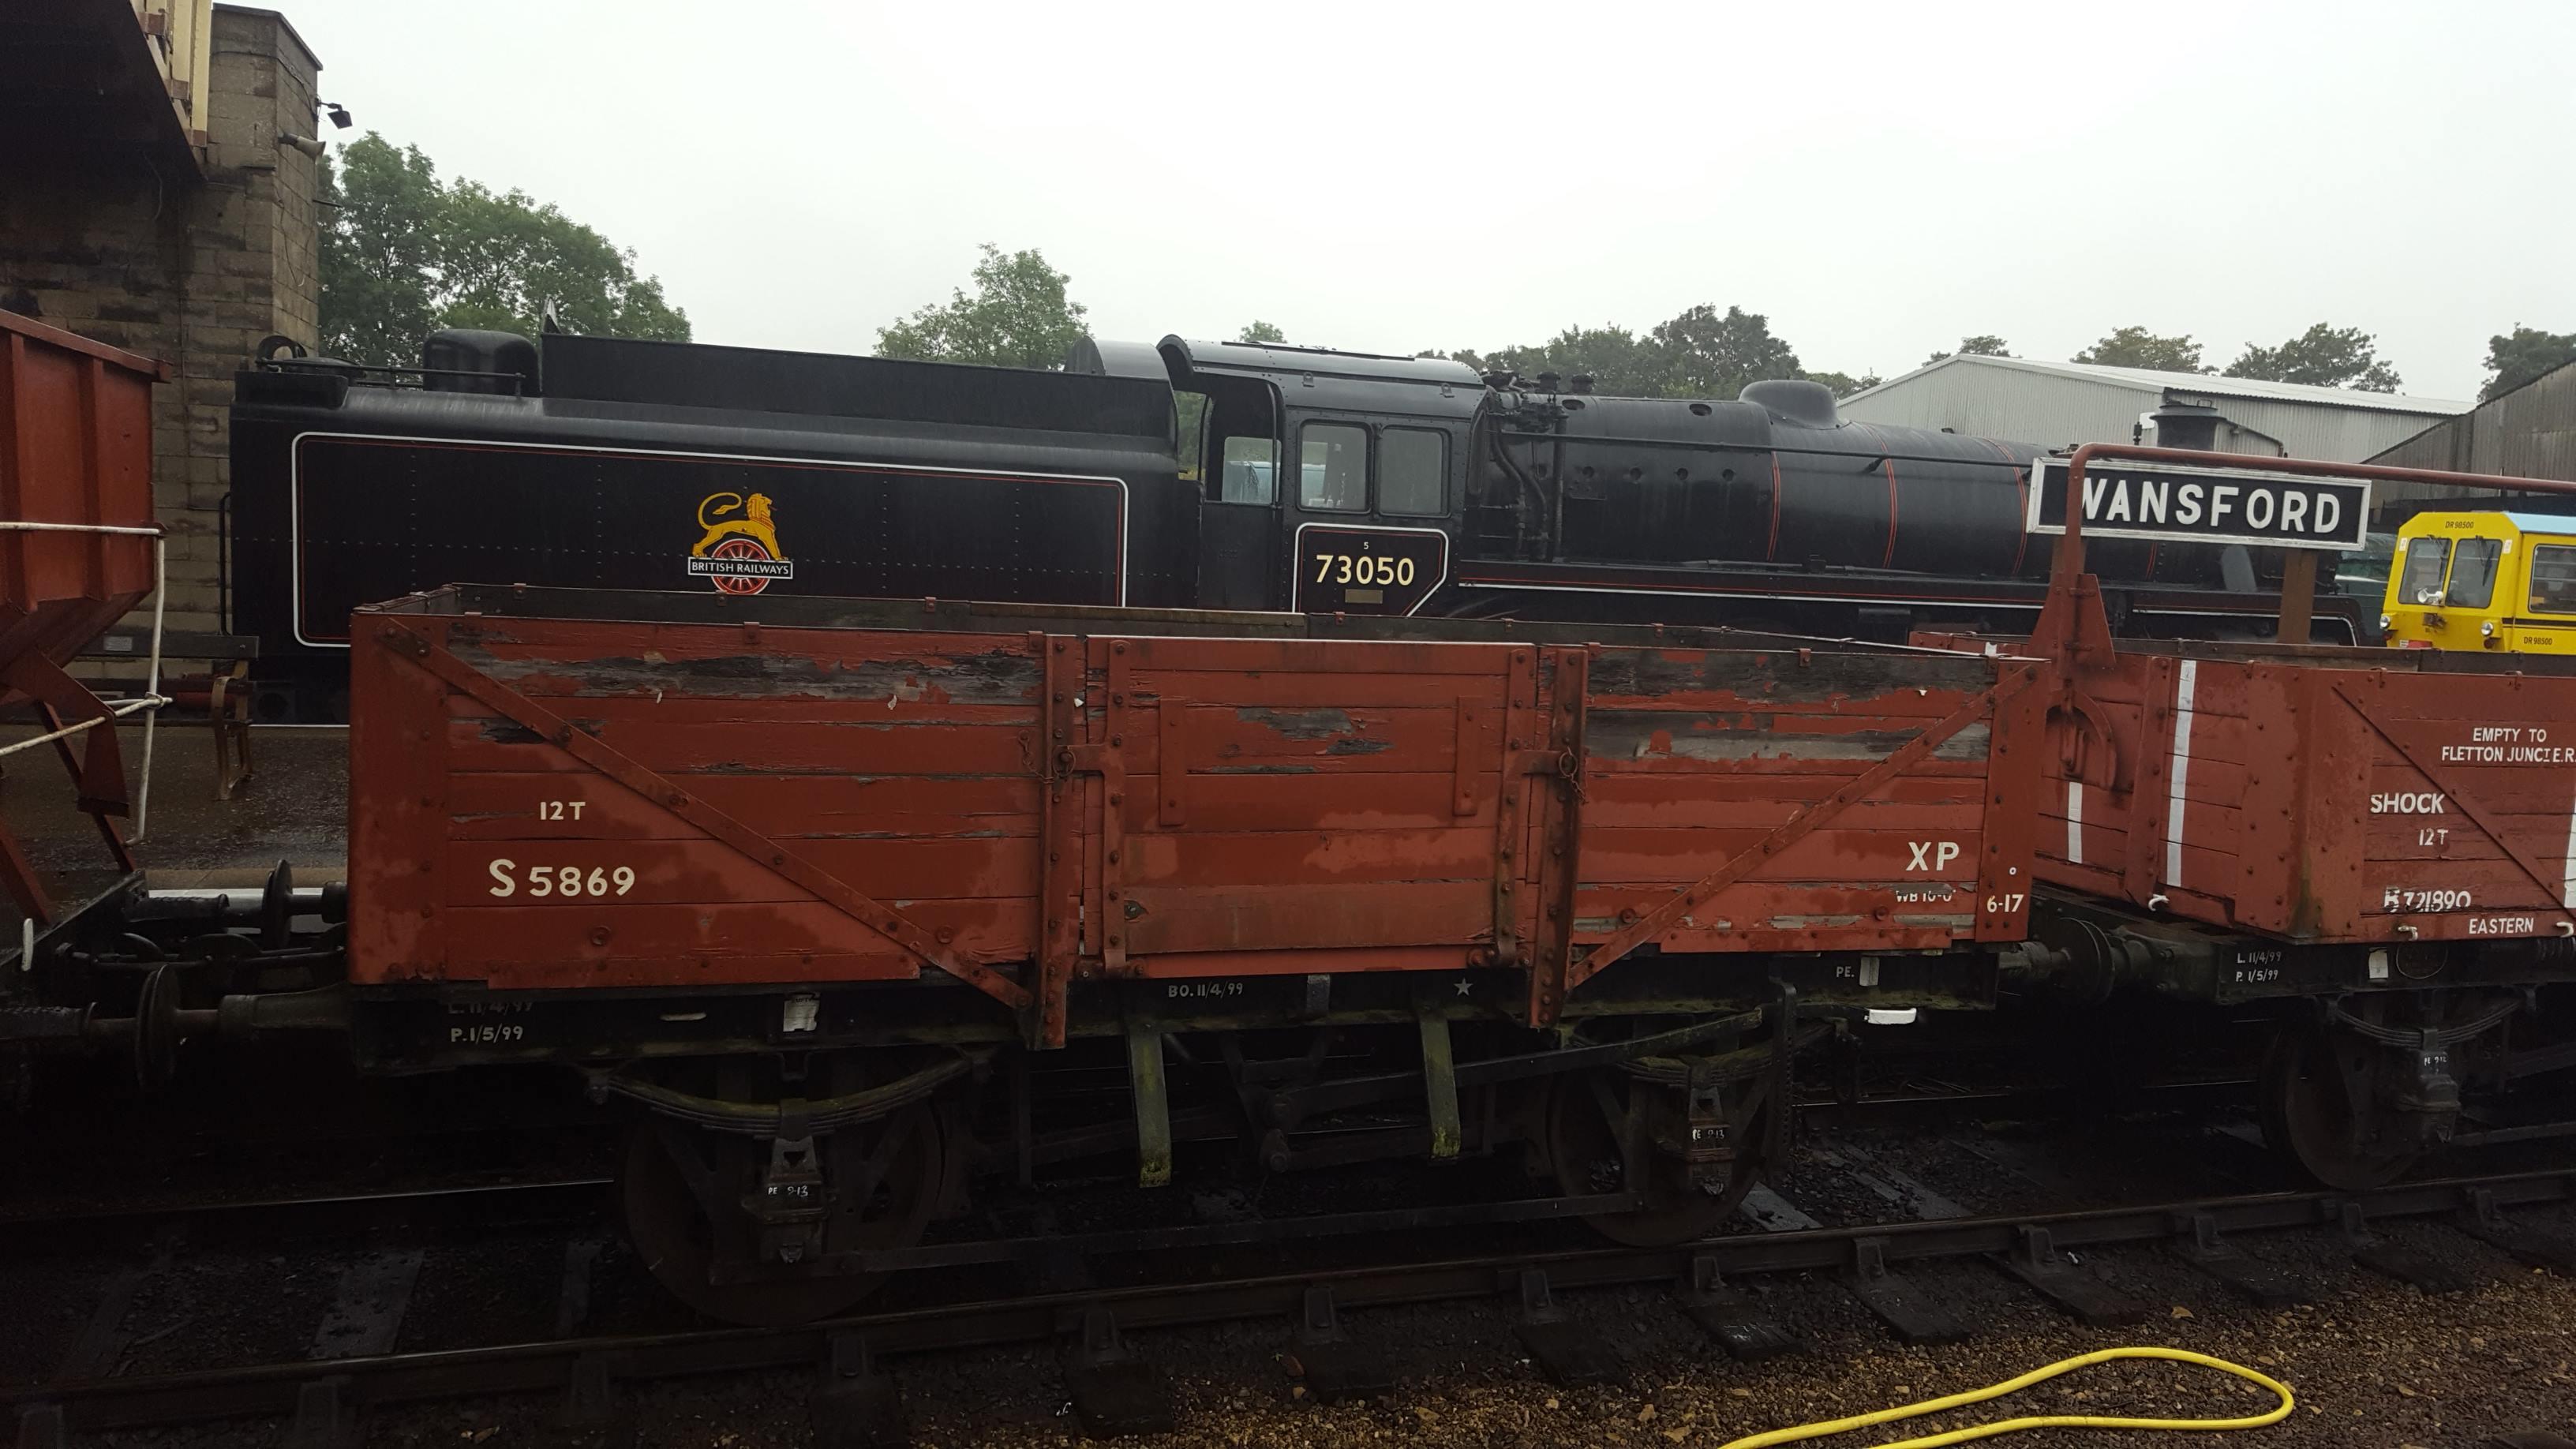 No. 73050 at Wansford